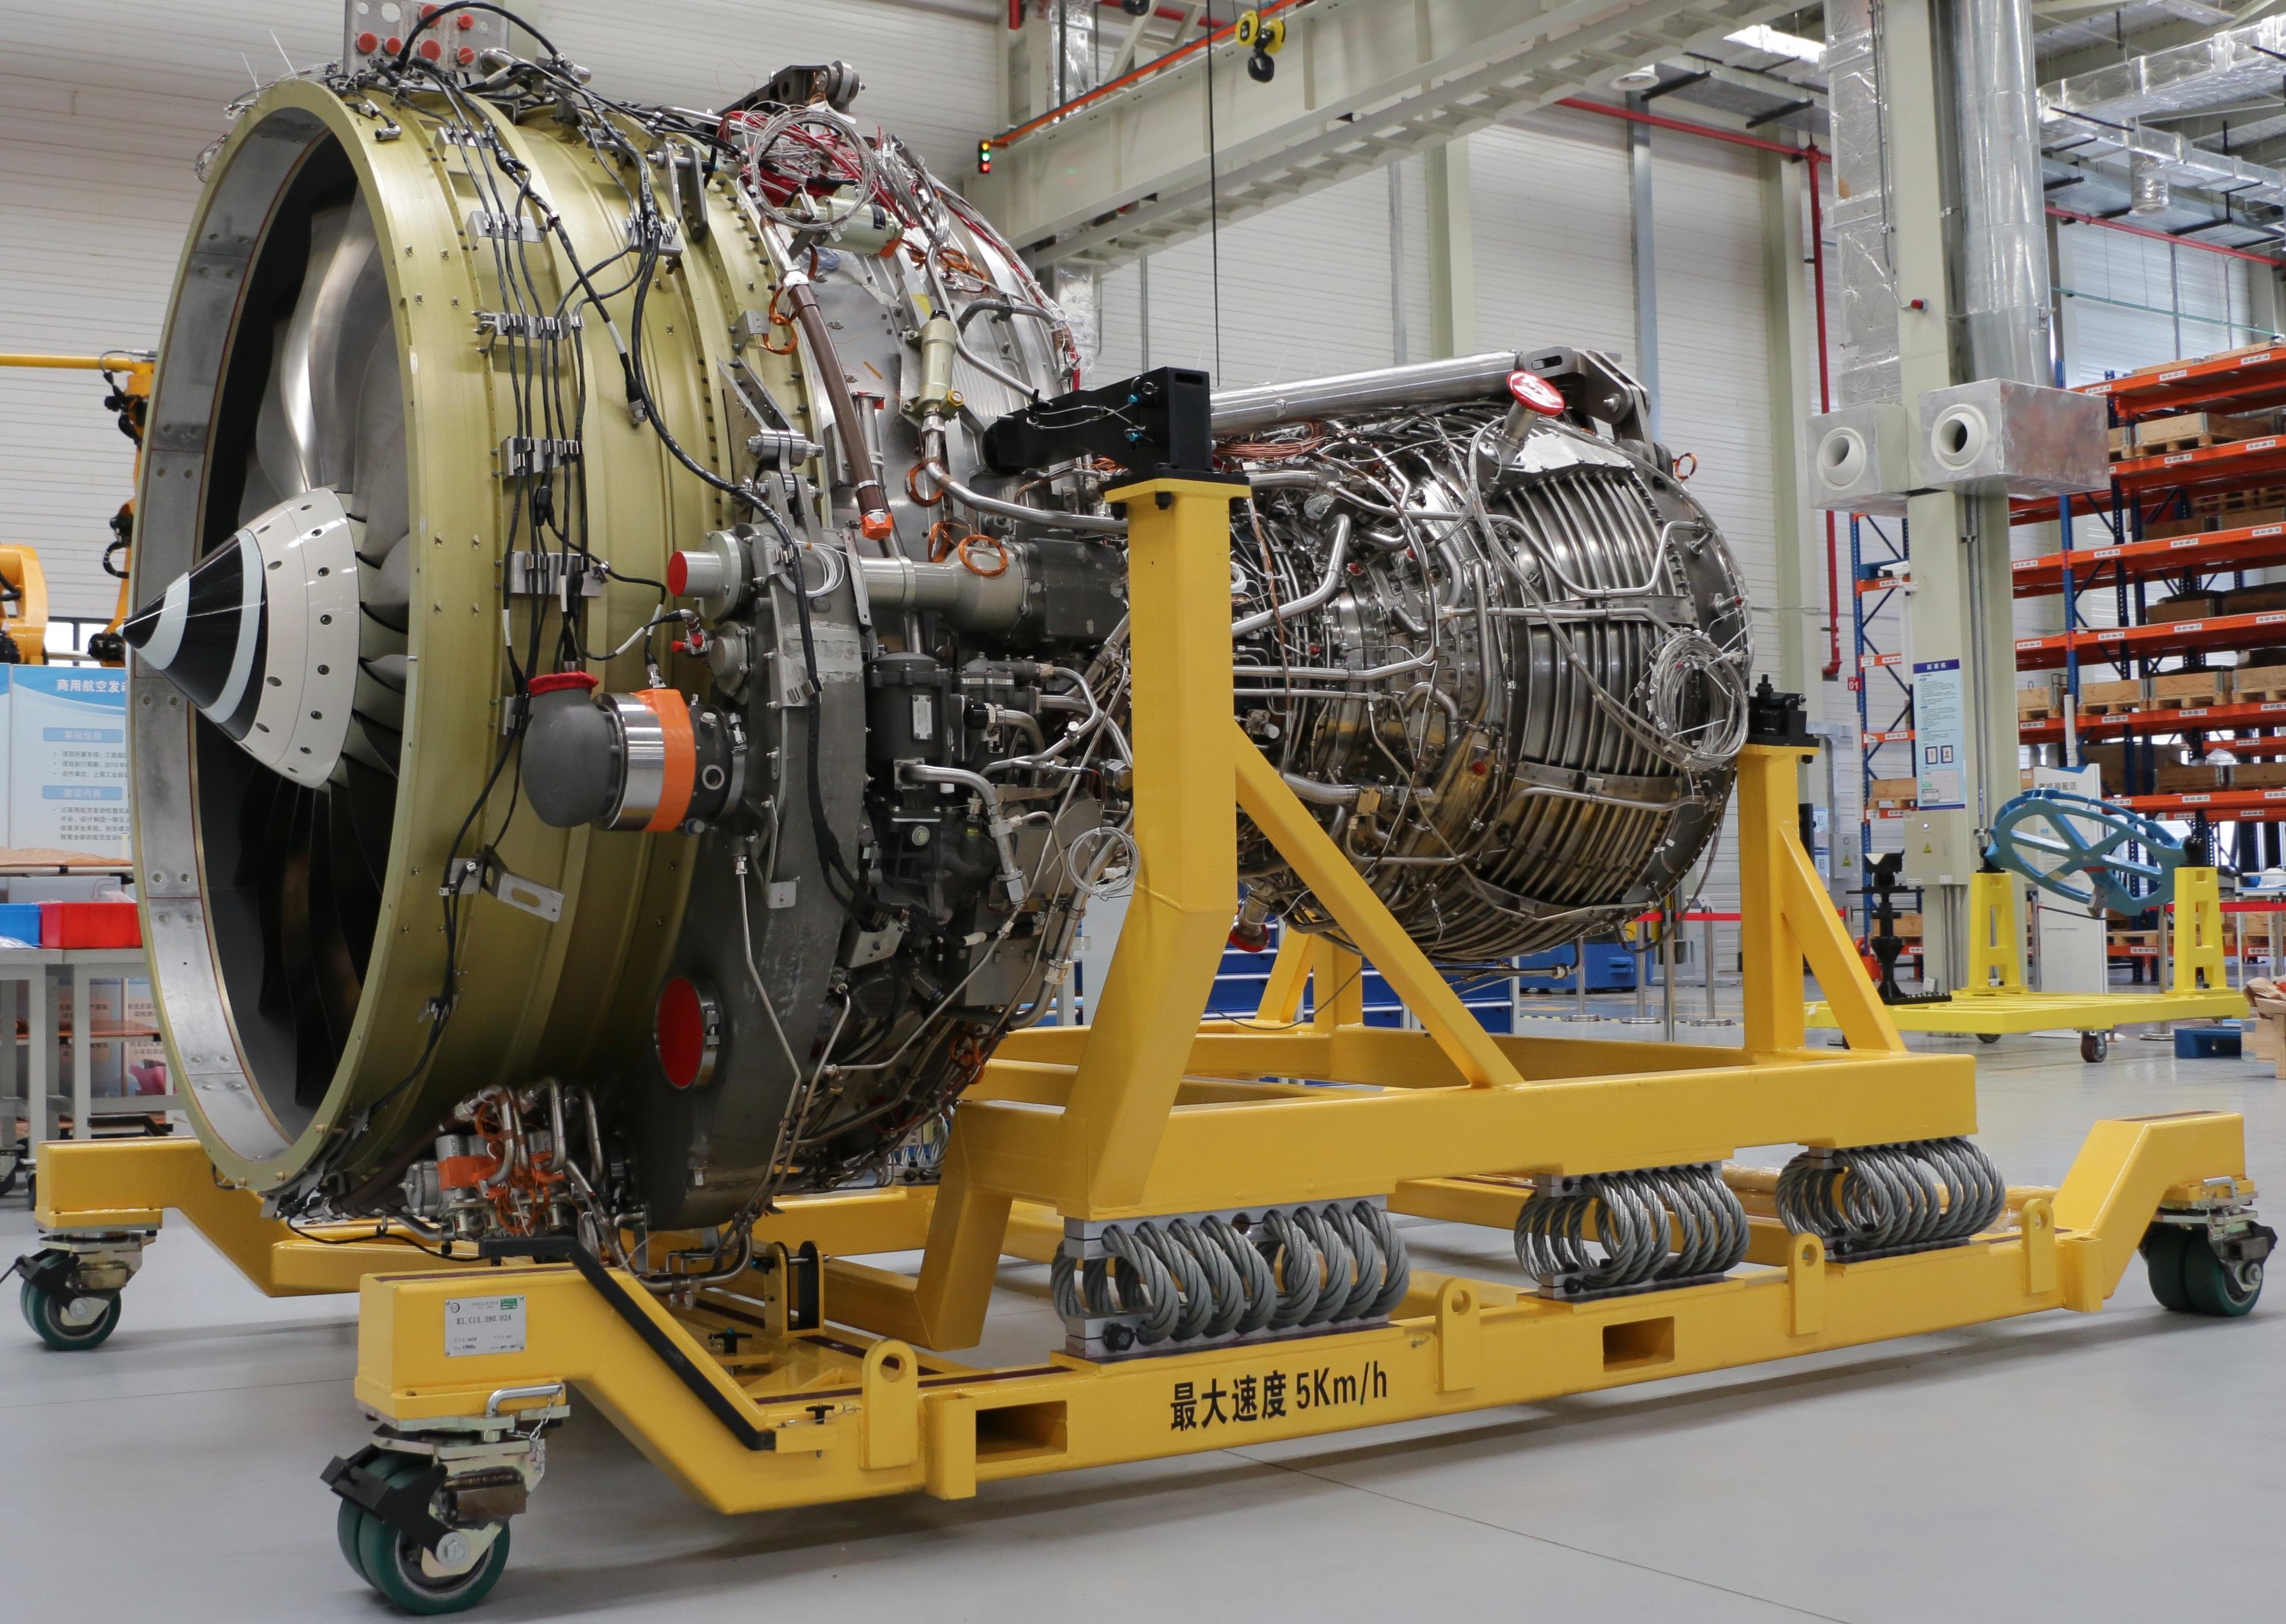 中俄协商研发35吨级航空发动机 打破欧美垄断